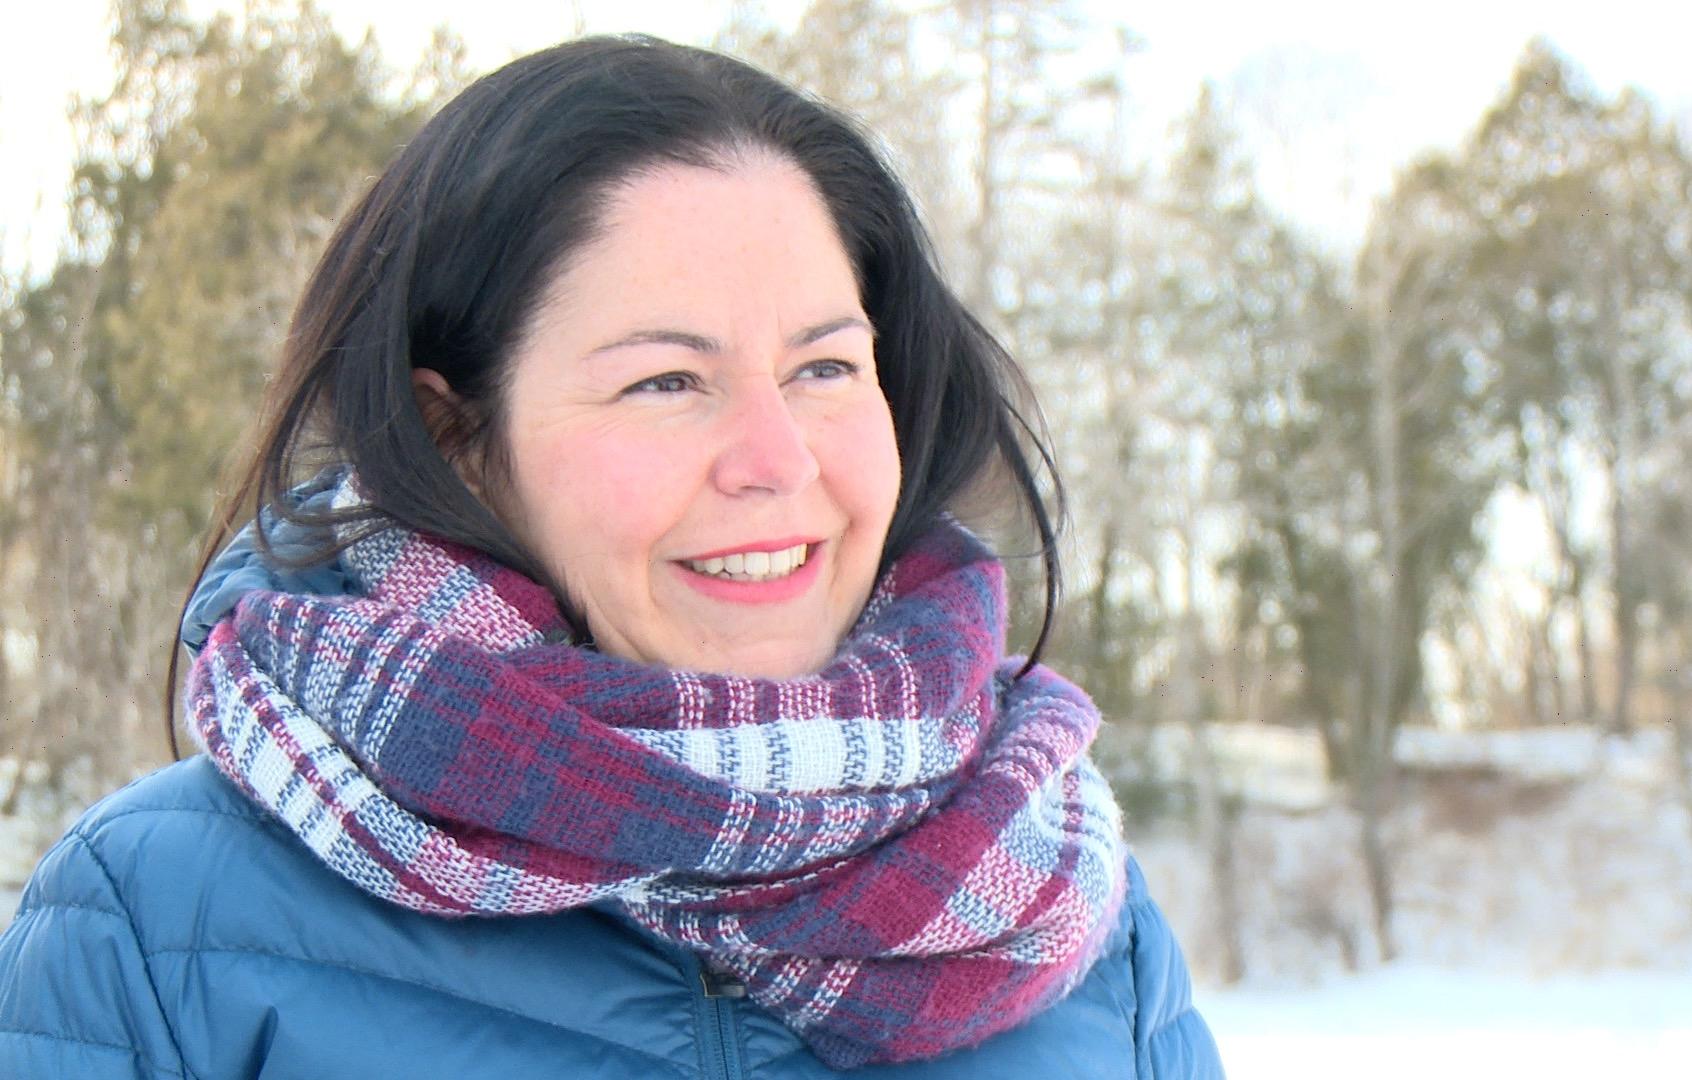 Marie-Milie Leduc